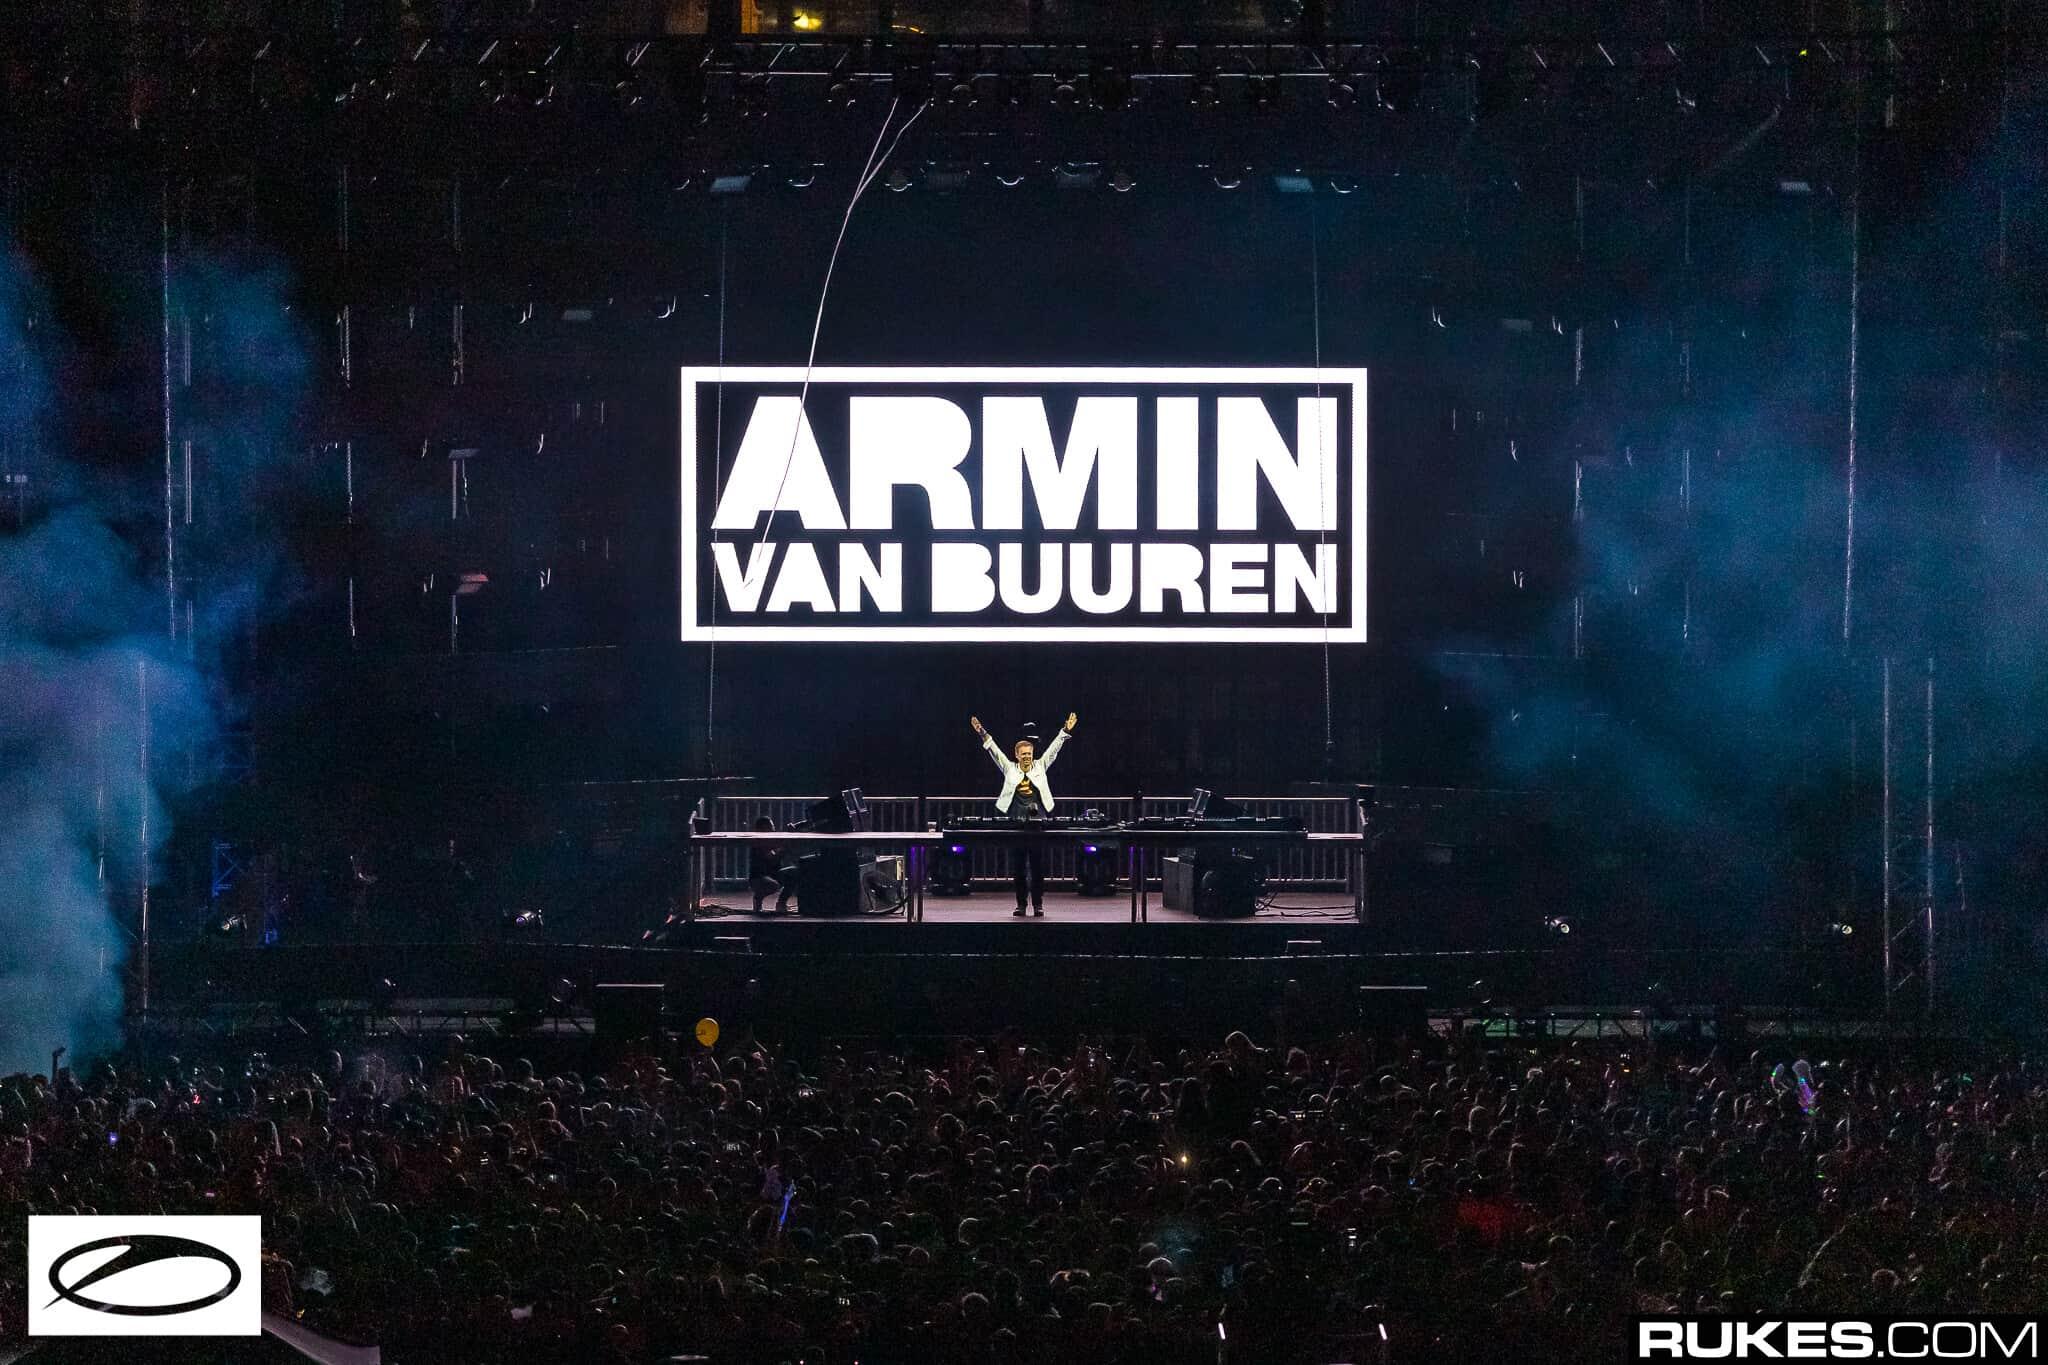 Armin van Buuren Illusion